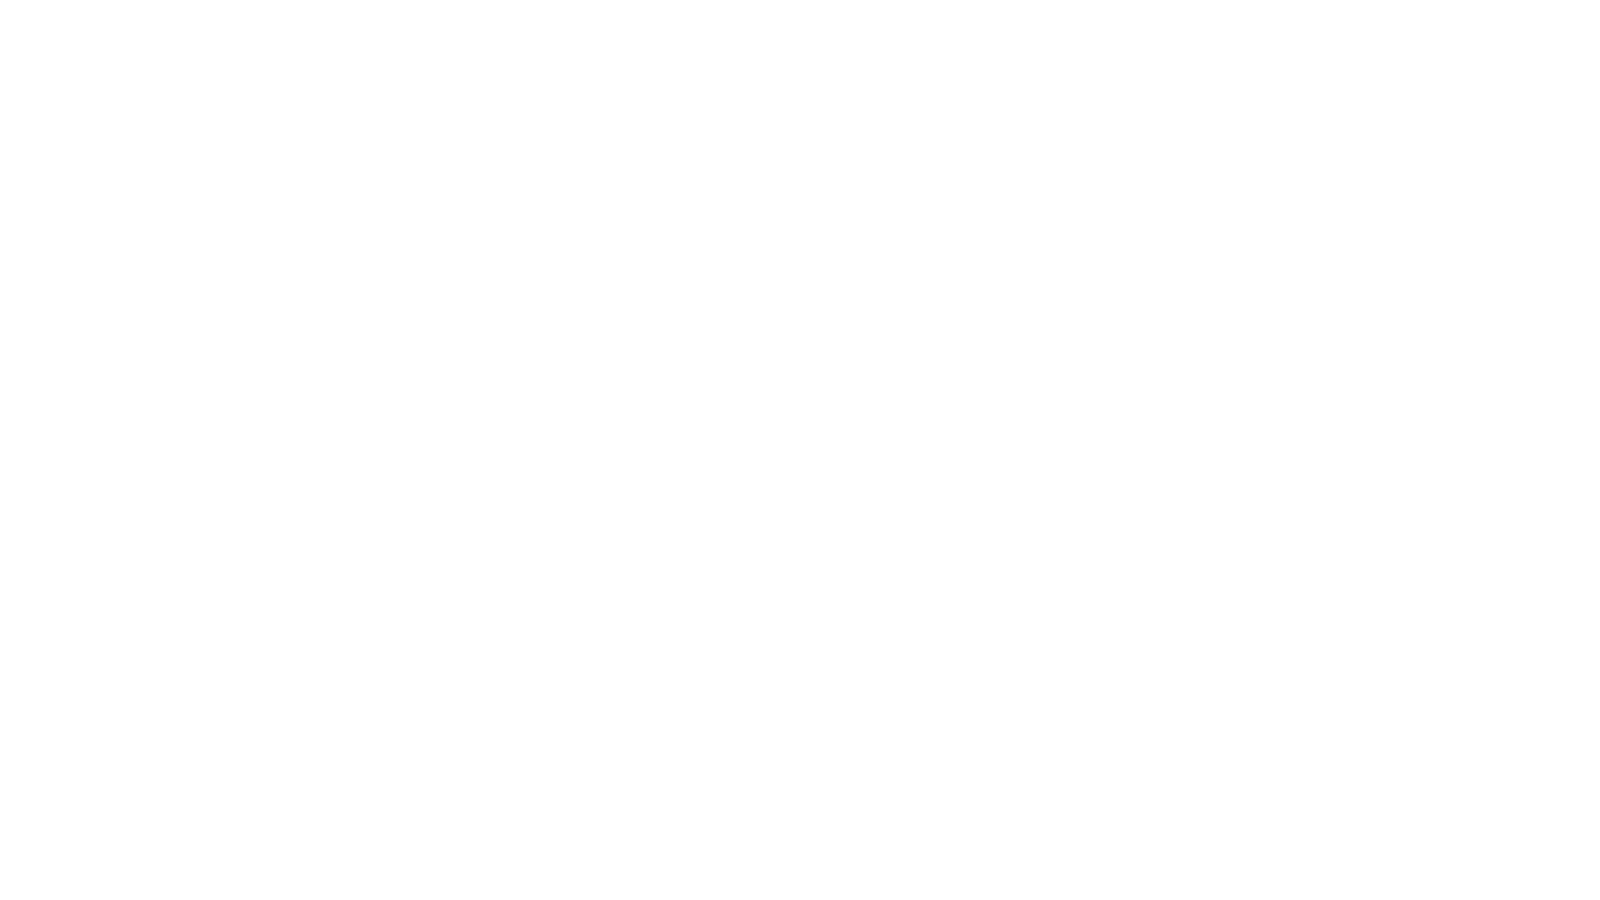 Persembahan Lagu Rohani: Hidup Ini Adalah Kesempatan oleh Guru TK Tarsisius 1 dalam acara Graduasi TK Tarsisius 1 Angkatan ke 61 Tahun Pelajaran 2019-2020. #tktarsisius1 #hidupiniadalahkesempatan #sekolahtarsisius1 #tkkatolik #tarsisius #ybhk #yayasanbundahatikudus